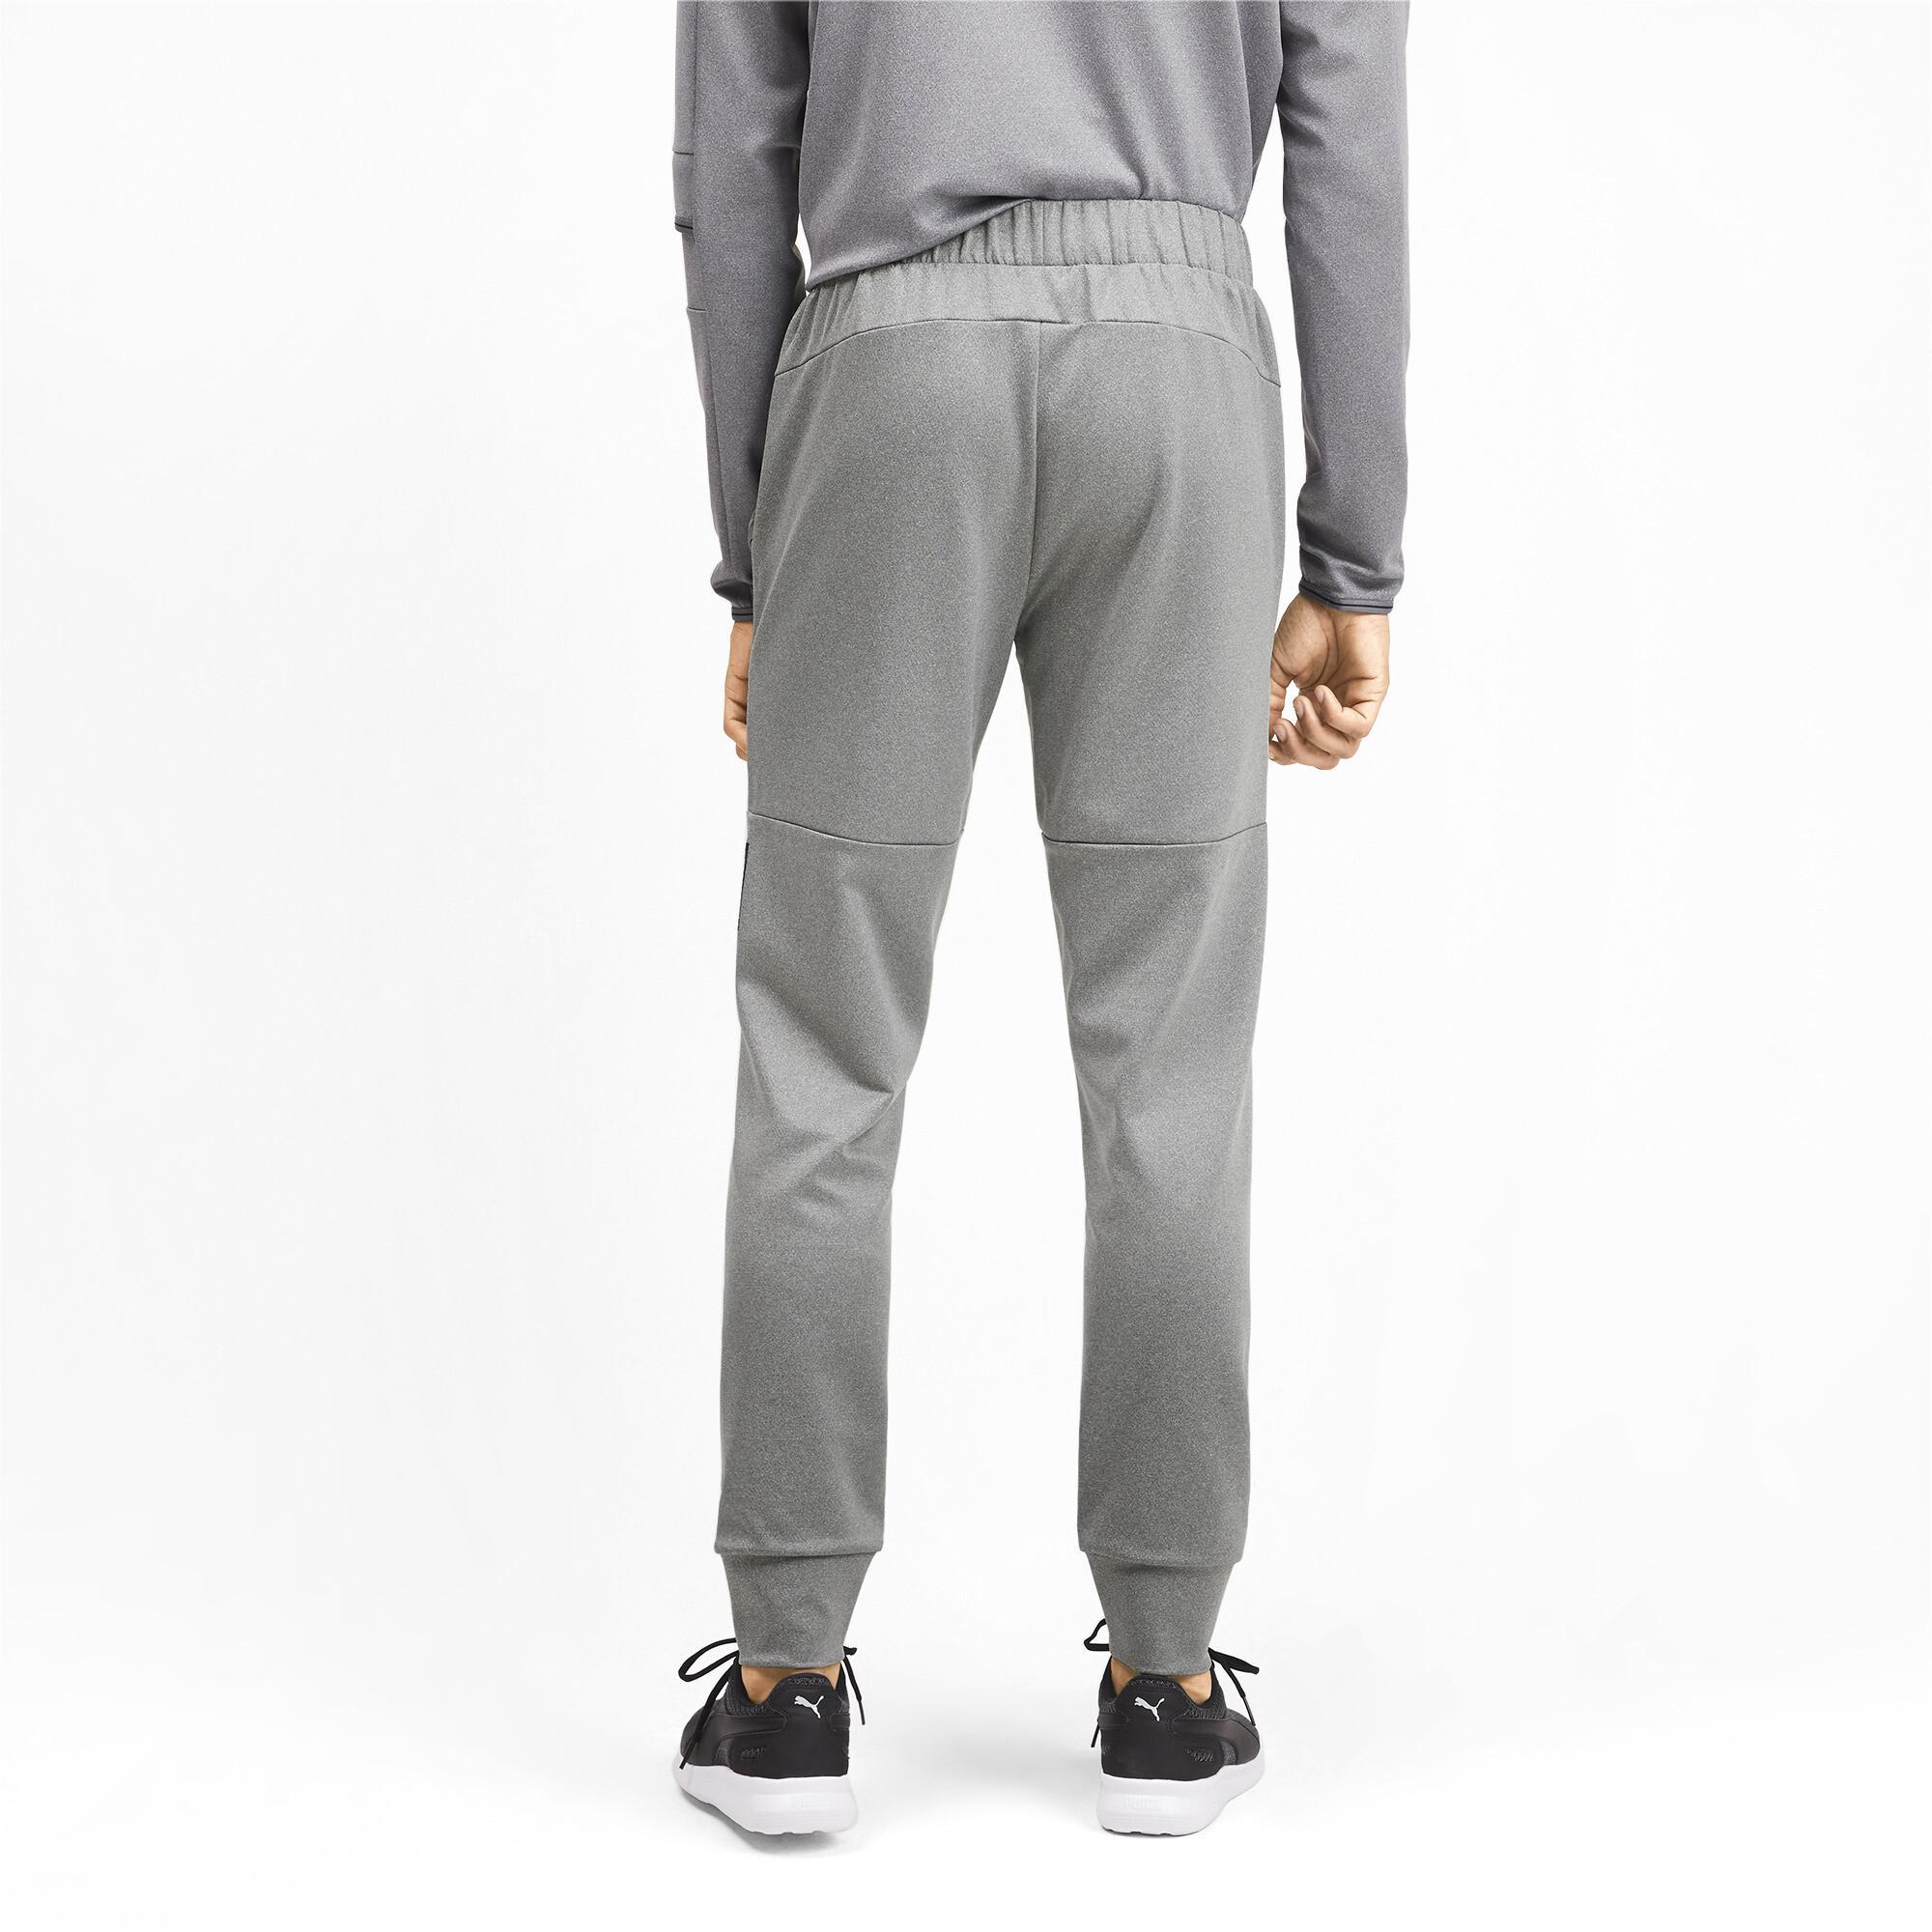 PUMA-Tec-Sports-Men-039-s-Sweatpants-Men-Knitted-Pants-Basics thumbnail 10